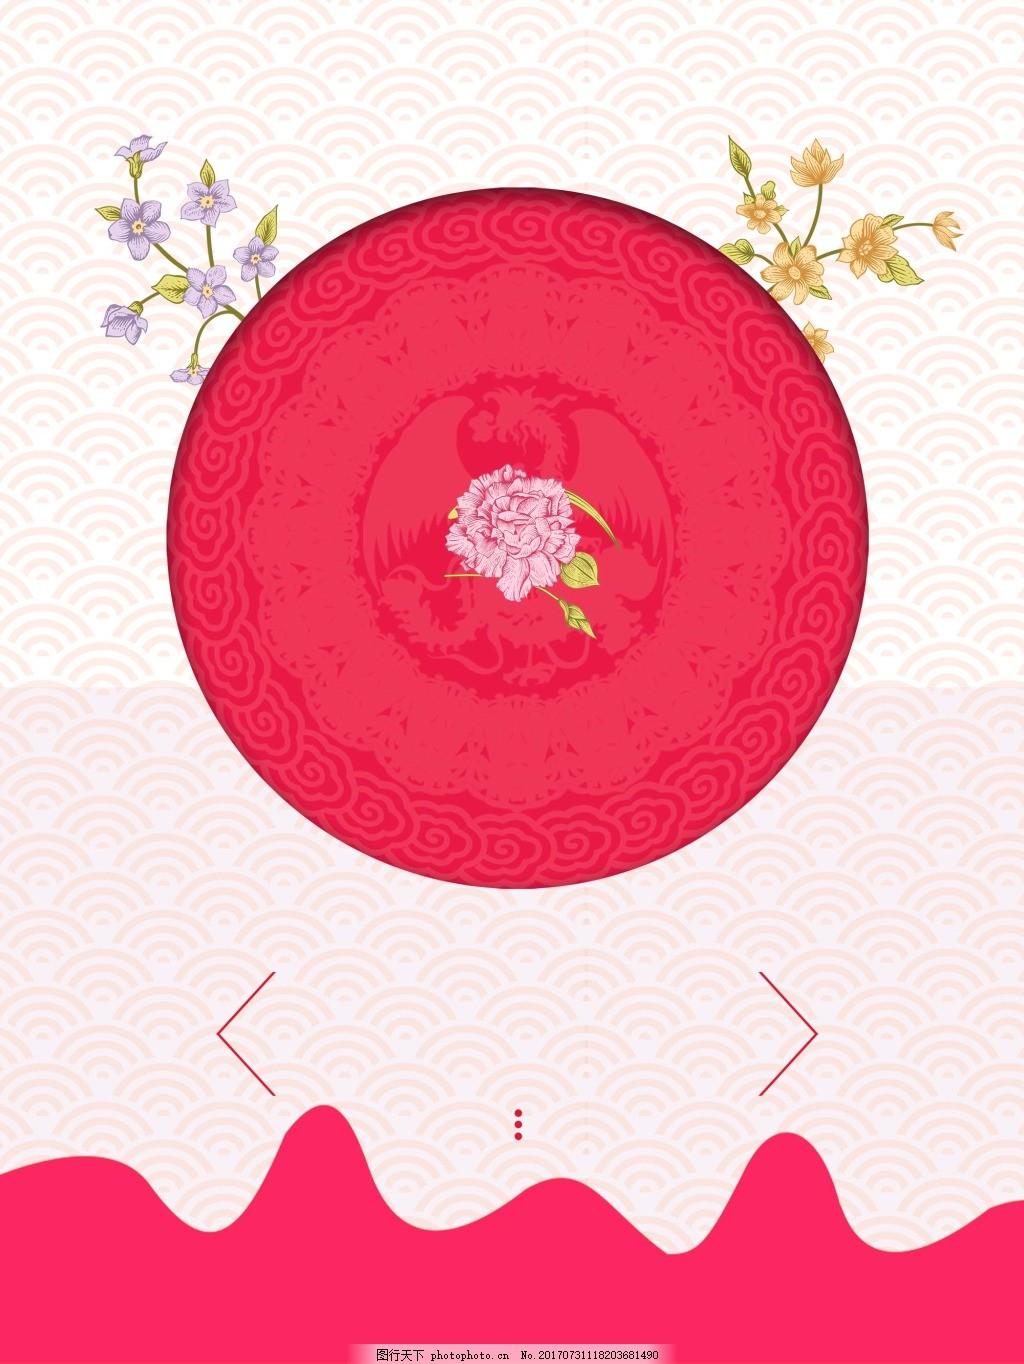 中国风波浪红色圆形背景 山坡 起伏 线条 海浪 花朵